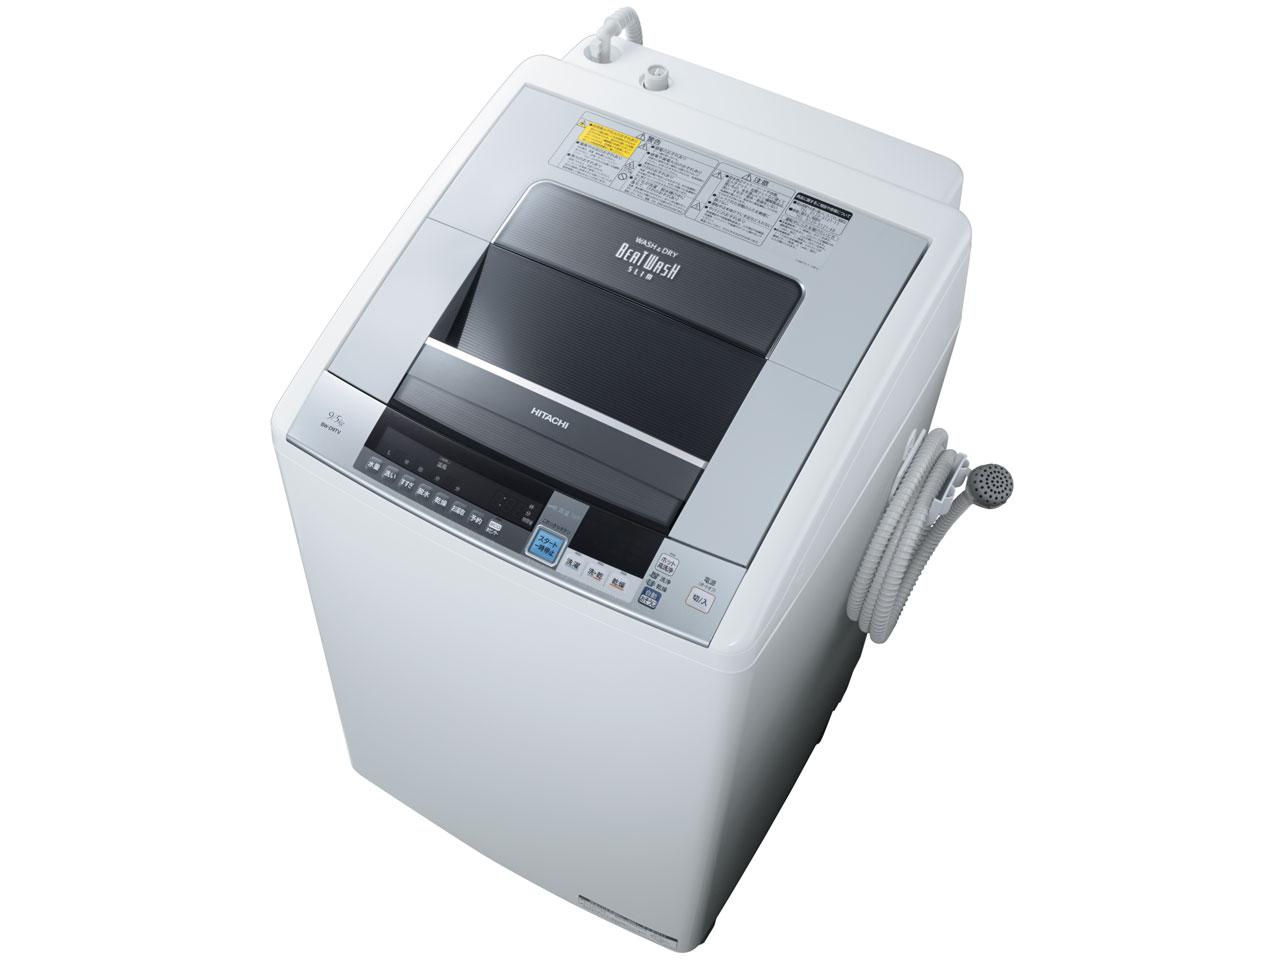 価格.com - ビートウォッシュ BW-D9TV(W) [プラチナホワイト] の製品 ...